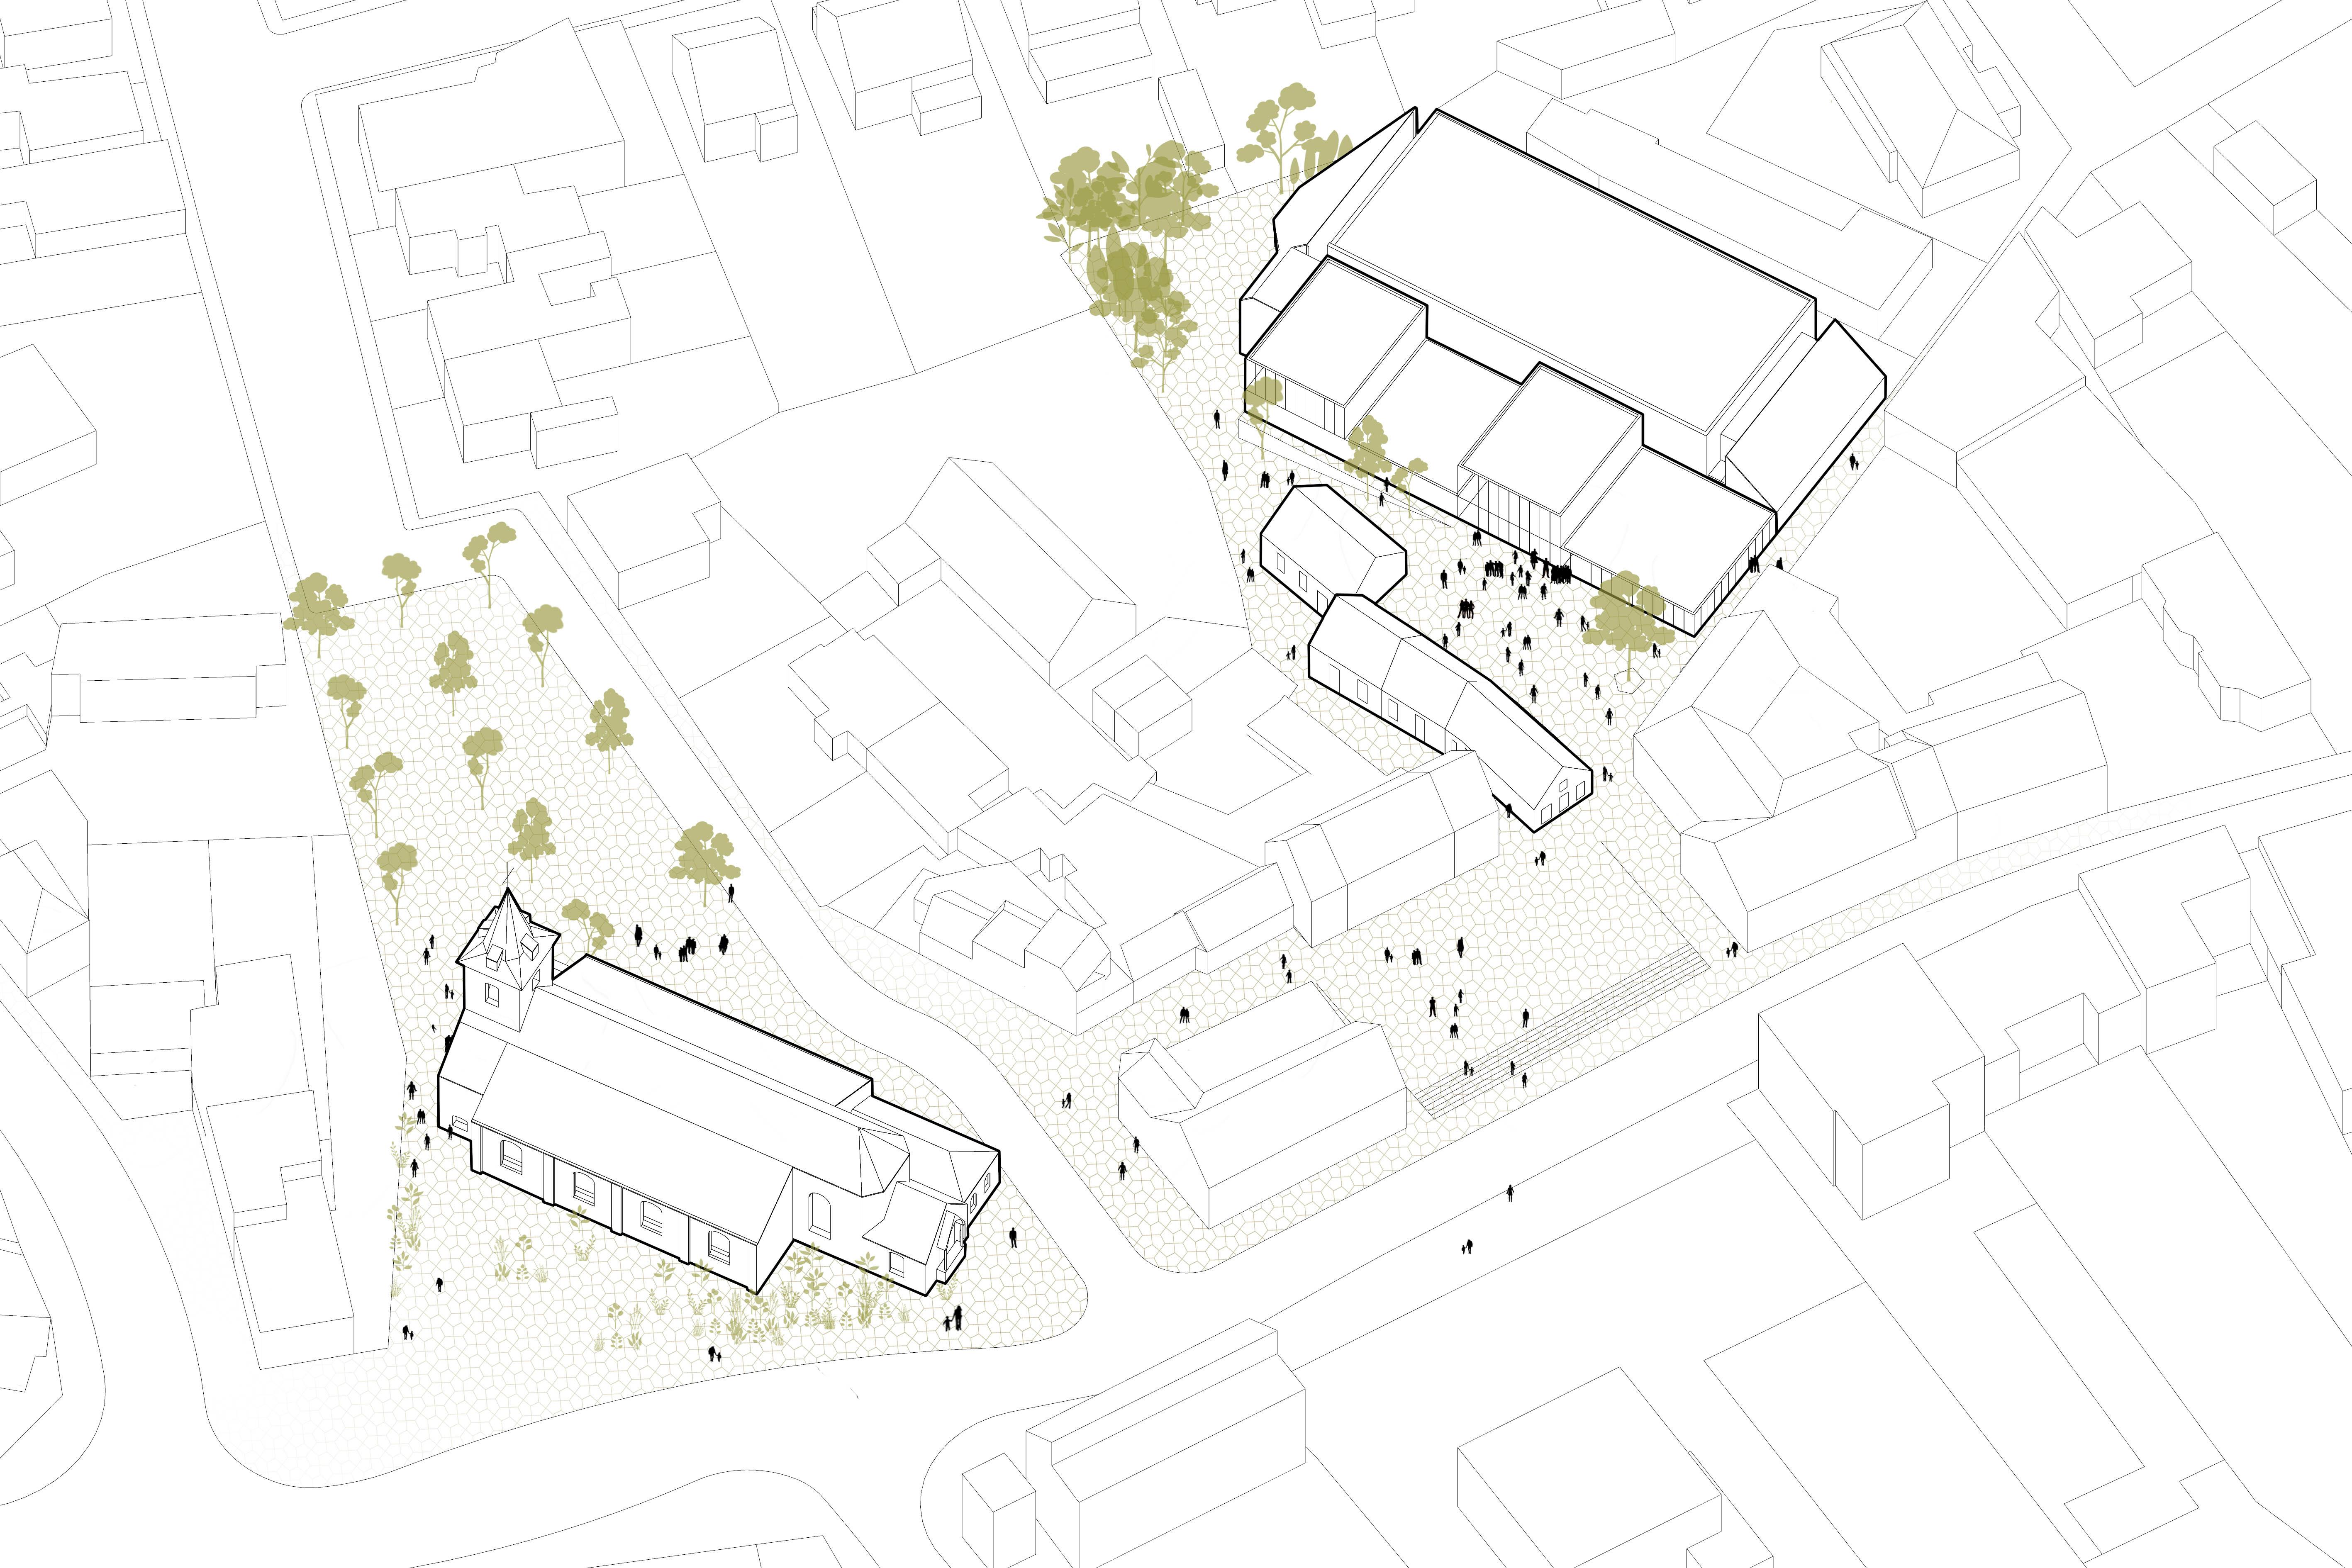 BCQ architecten & ARC - overzicht perspectief Aalbeke